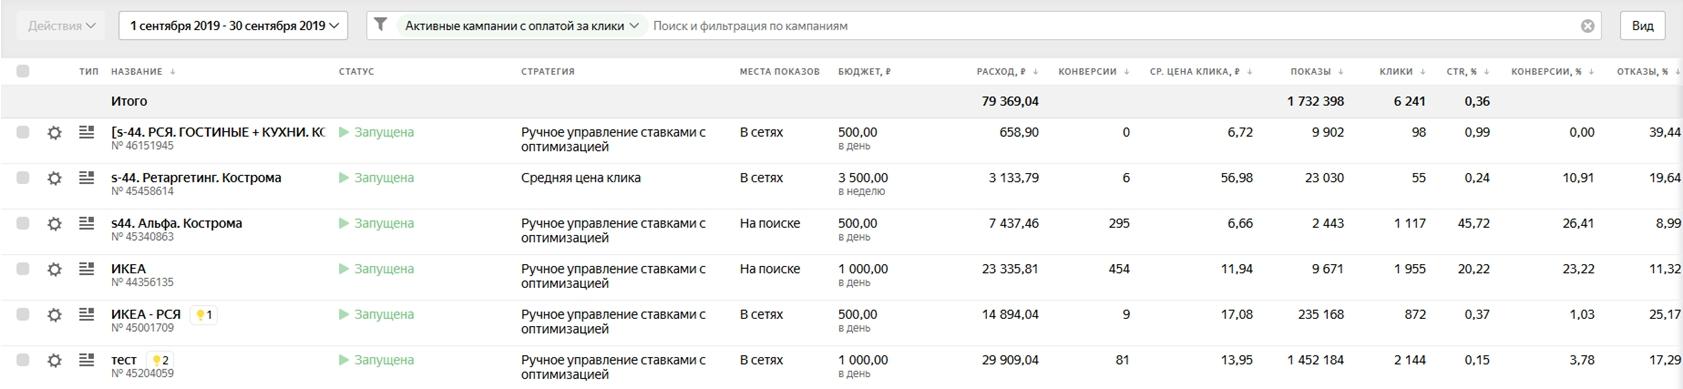 РК доставка товаров из IKEA (Google Реклама и Яндекс Директ)